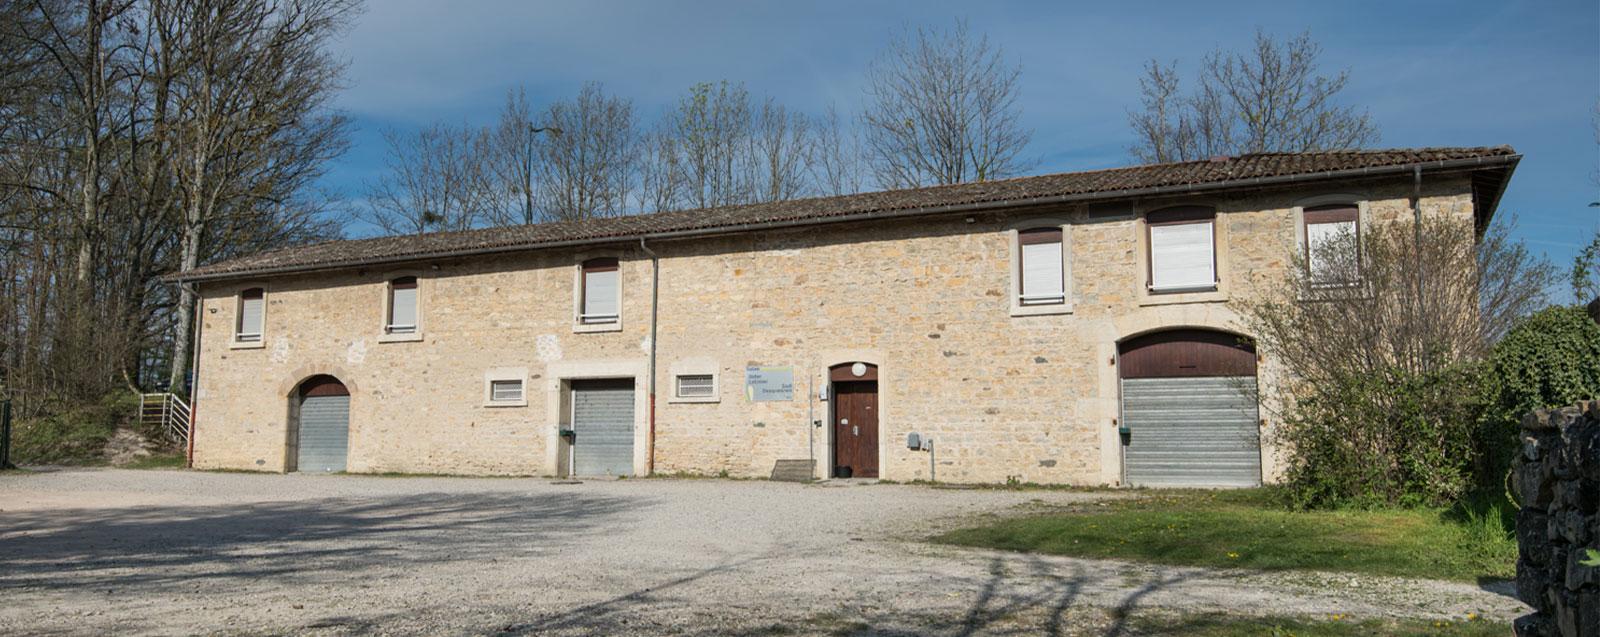 Entretien du patrimoine communal - salles communales - © Benoît Gillardeau